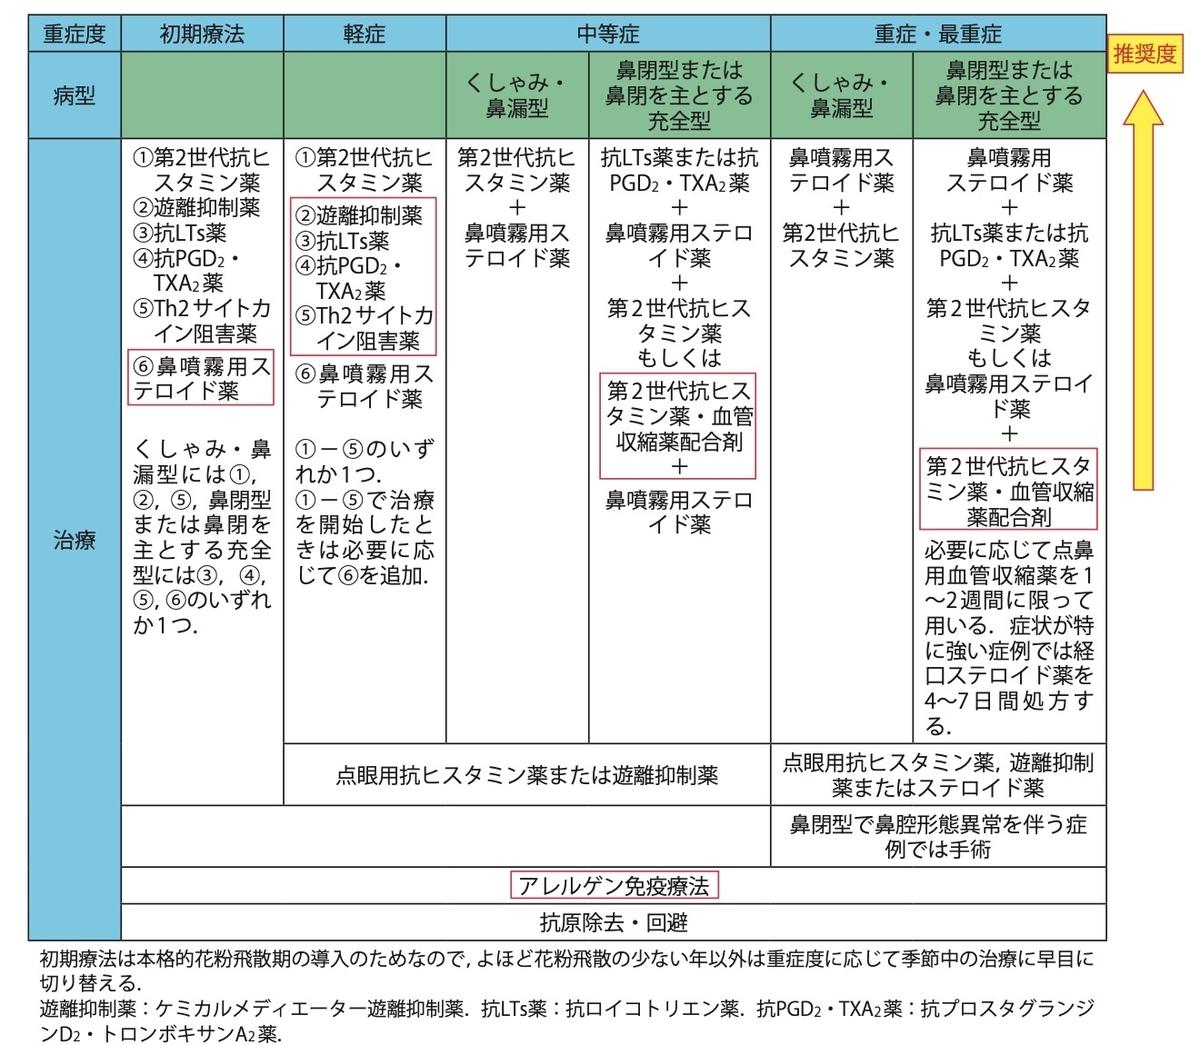 f:id:sagisakaclinic:20210118015130j:plain